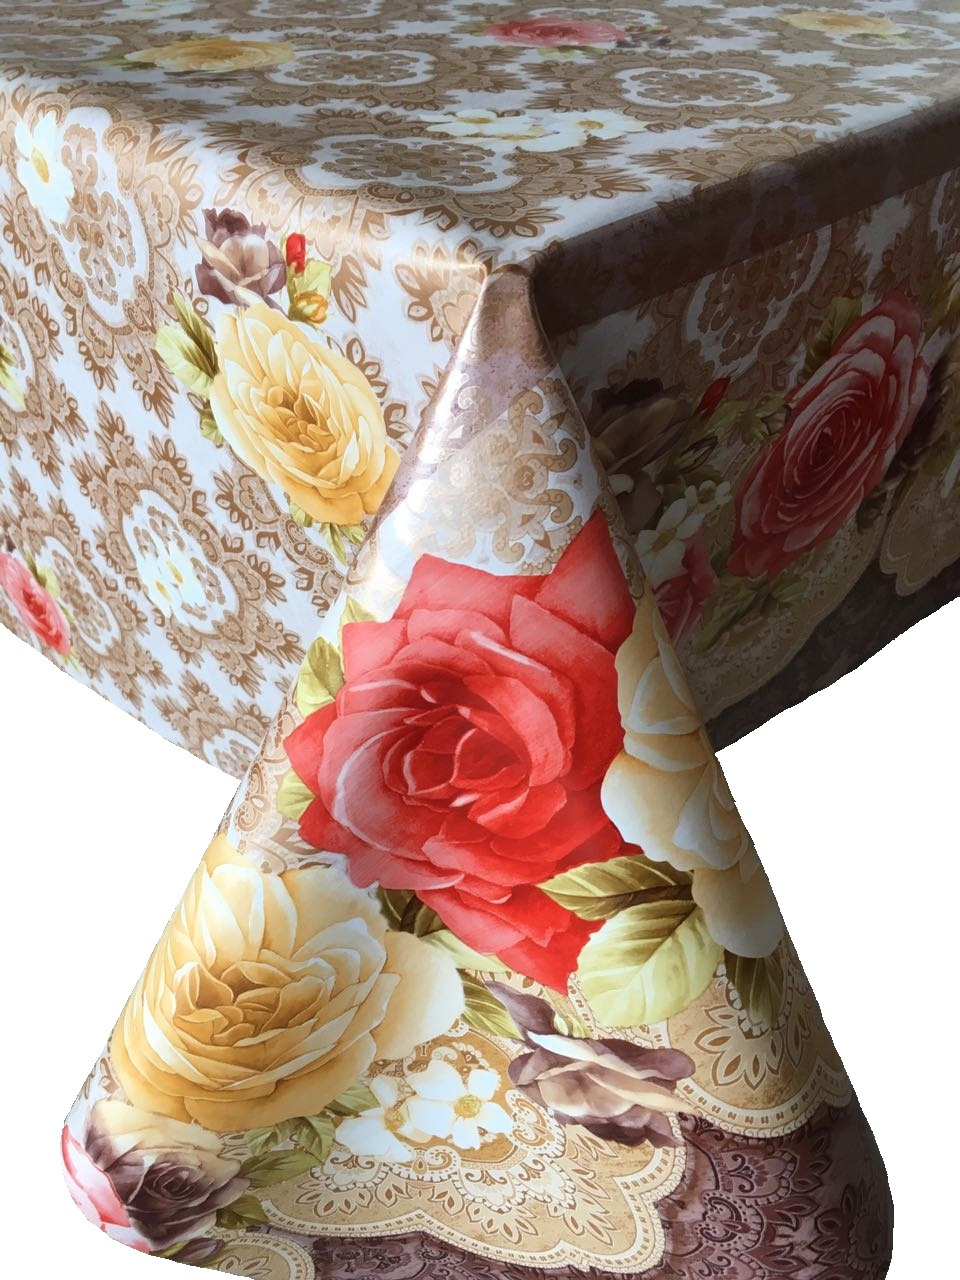 Клеенка столовая LCadesi Florista, прямоугольная, 130 х 165 см. FL130165-441-02FL130165-441-02Столовая клеенка LCadesi Florista с ярким дизайном украсит ваш стол и защитит его от царапин и пятен. Благодаря основе из нетканого материала не скользит по столу. Клеенка не имеет запаха и совершенно безопасна для человека